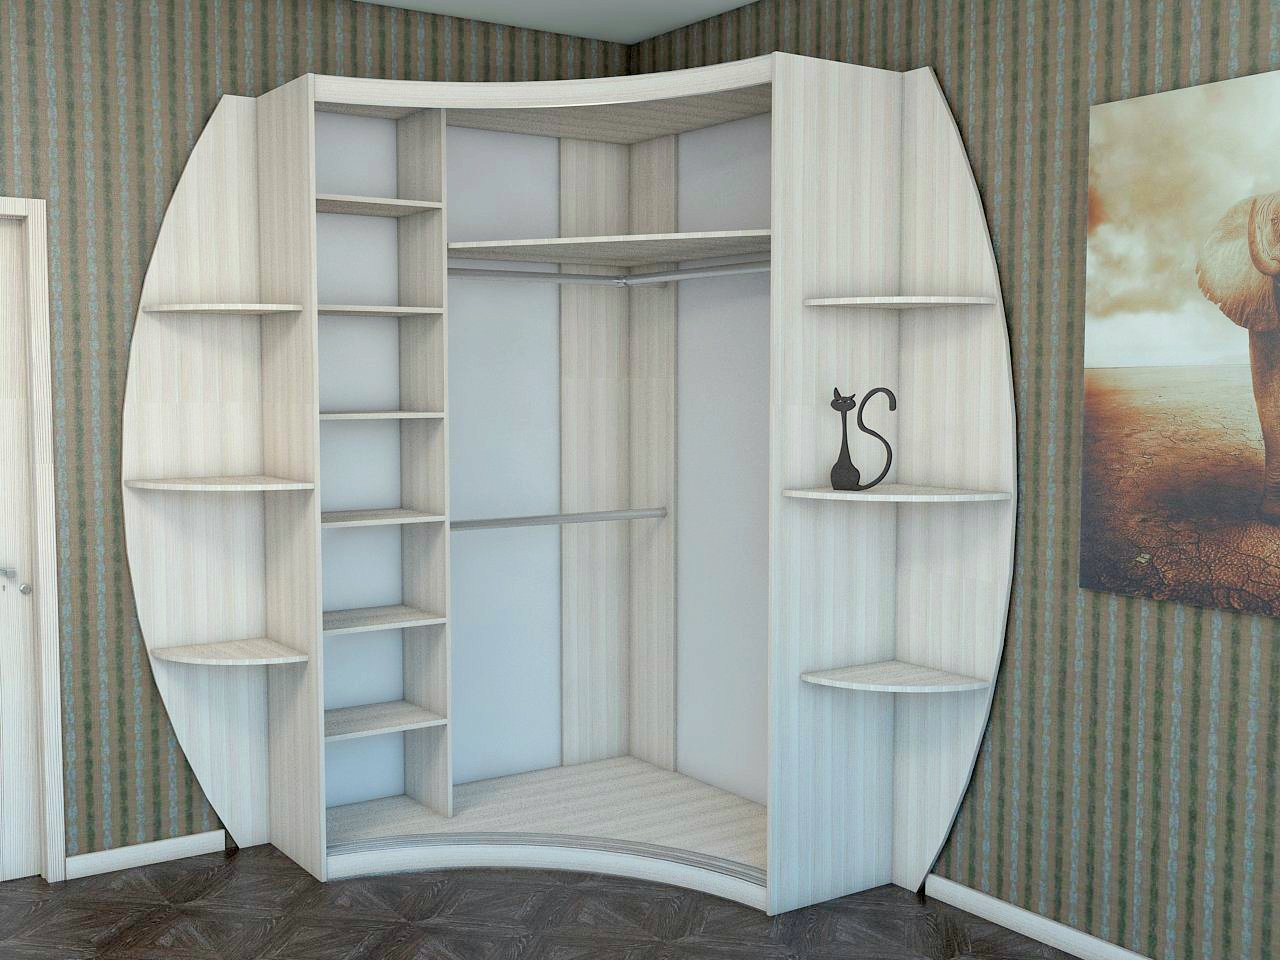 Радиусный угловой шкаф-купе: виды и обустройство